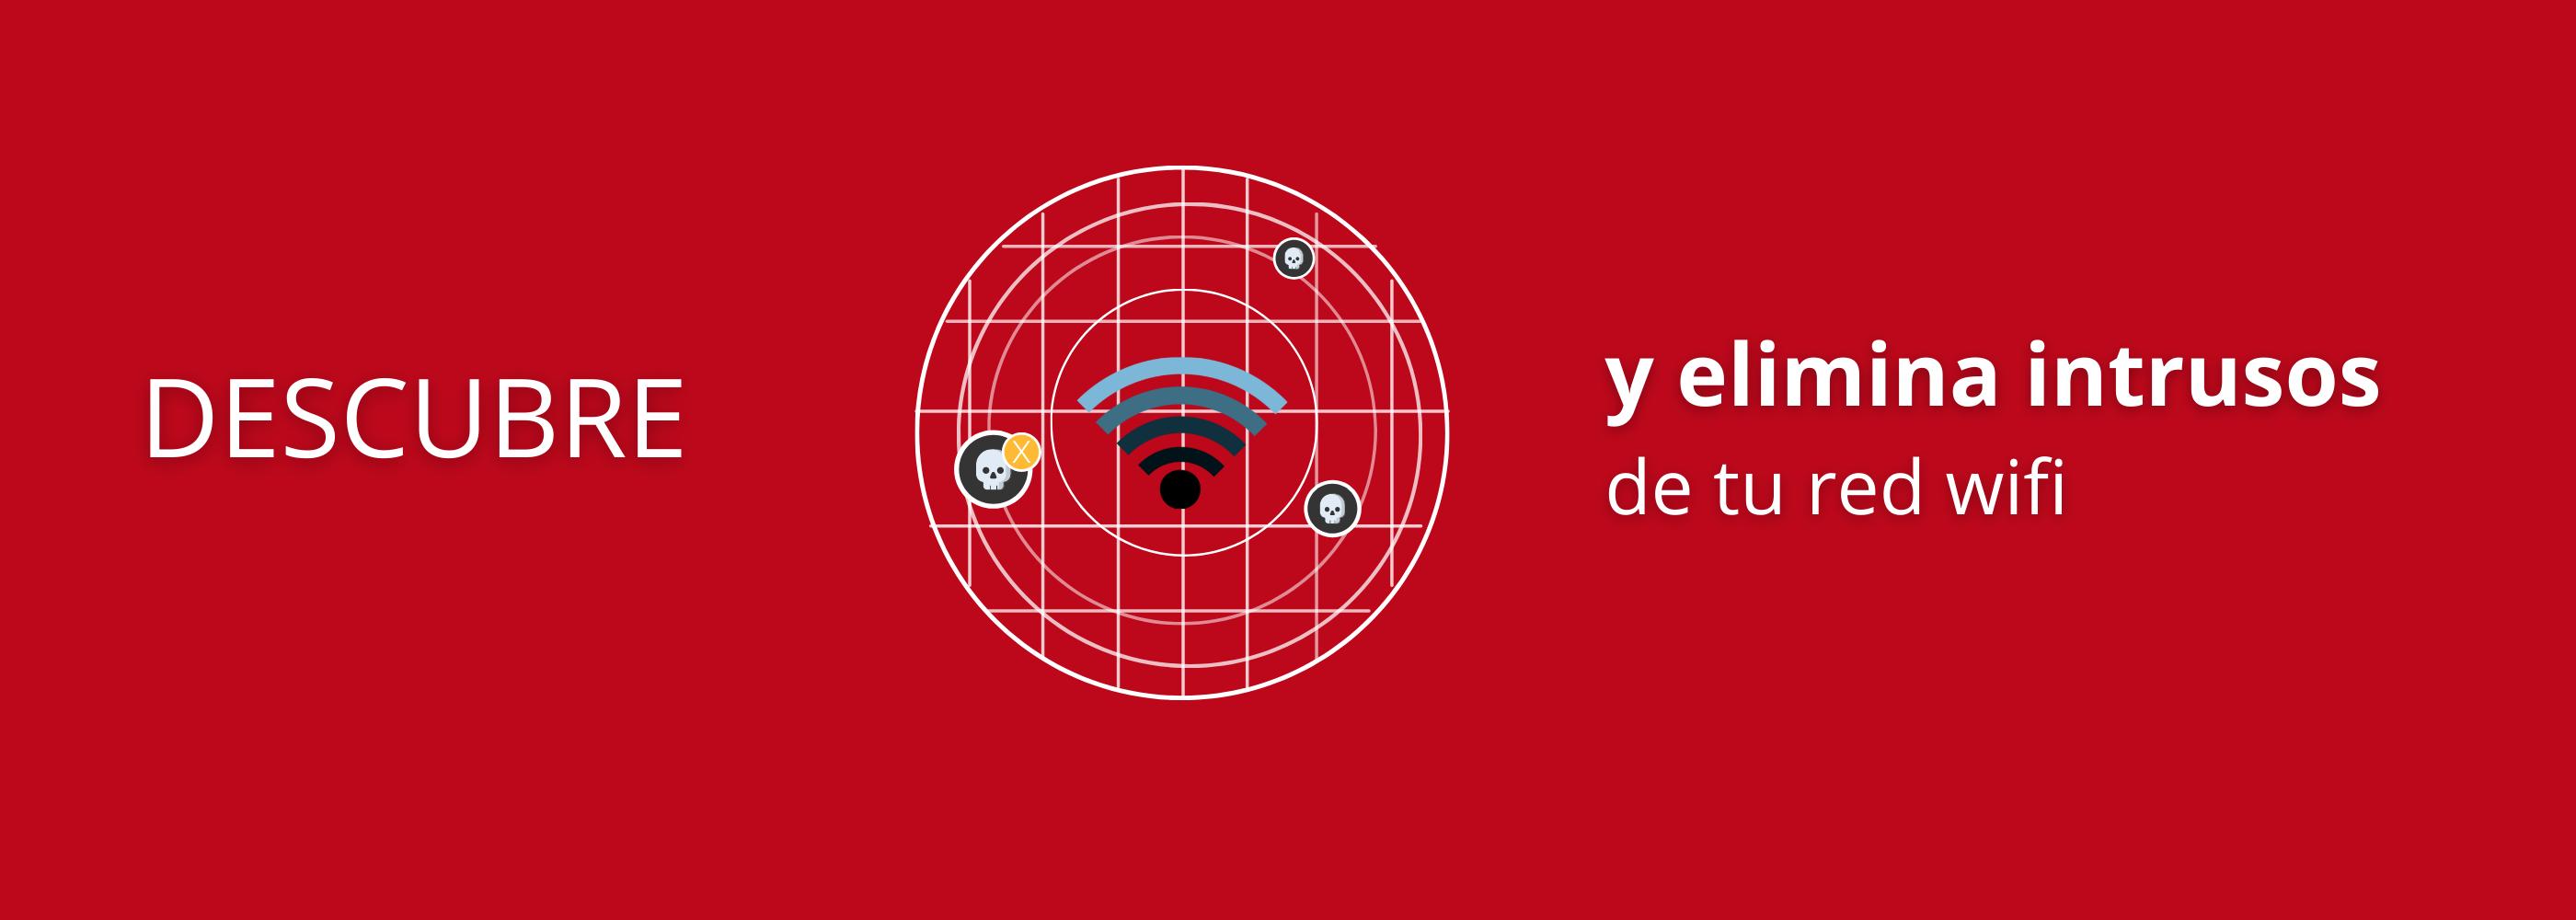 Elimina intrusos de tu wifi